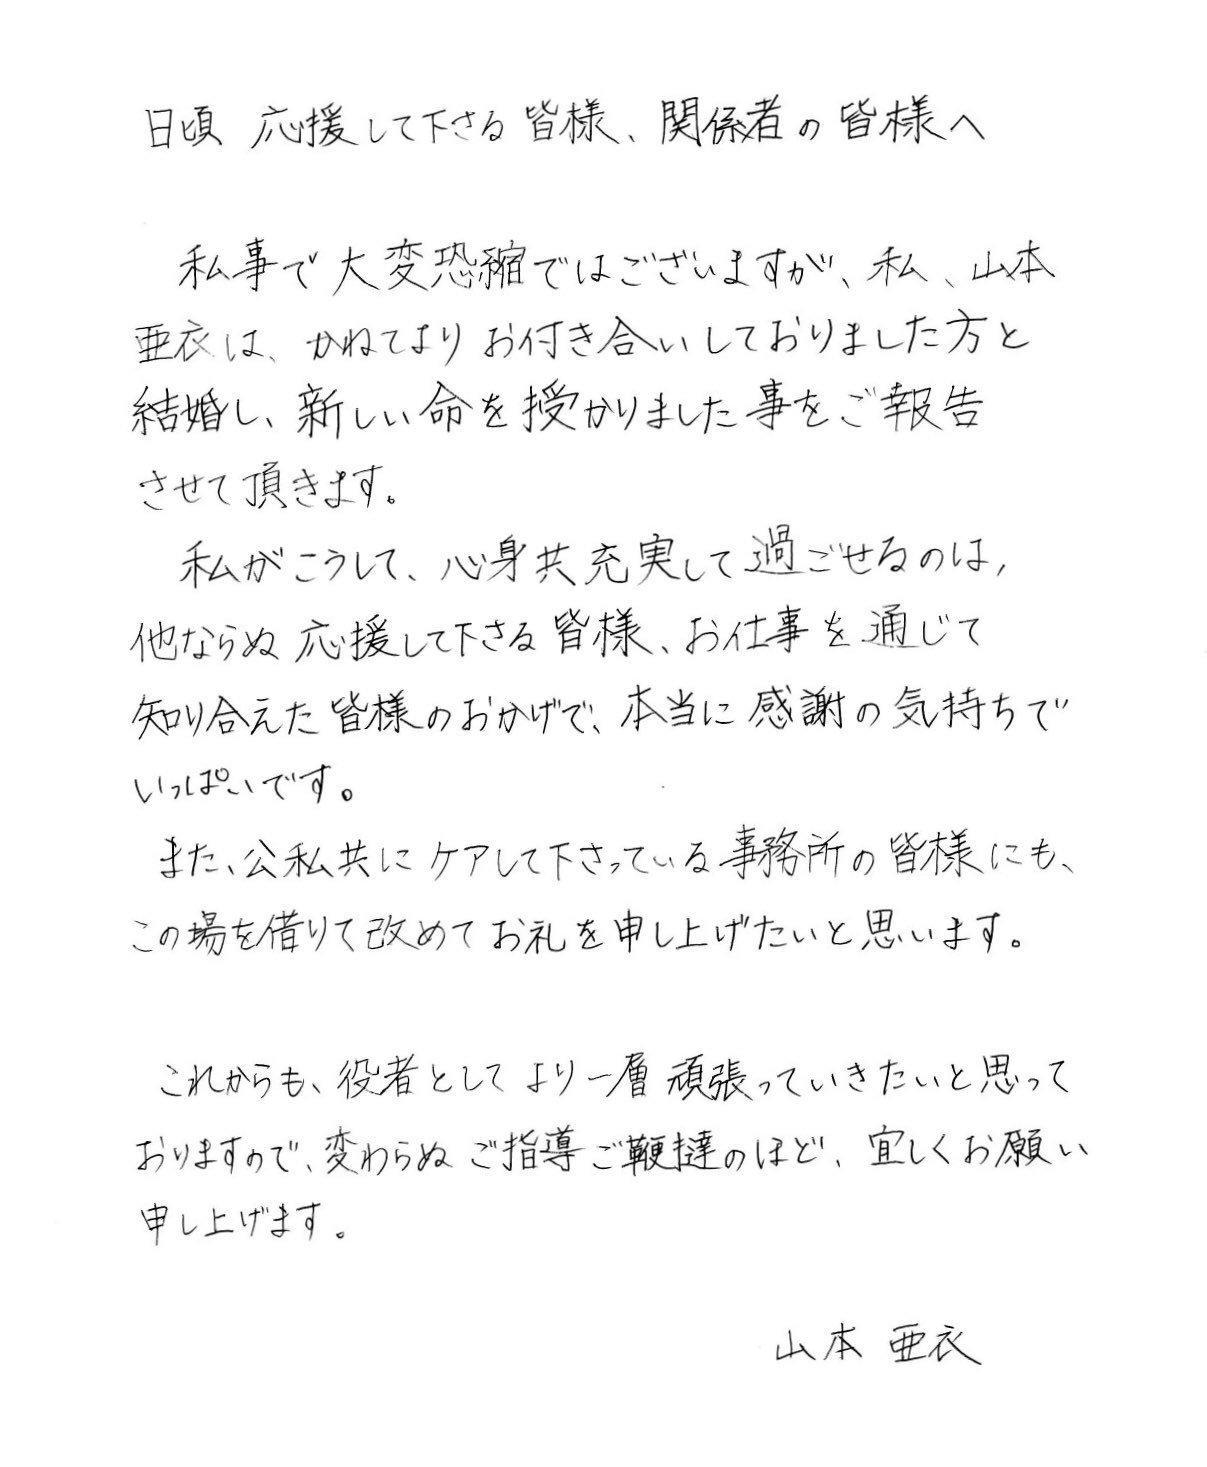 ai_yamamoto_913 1260046607099105280_p0